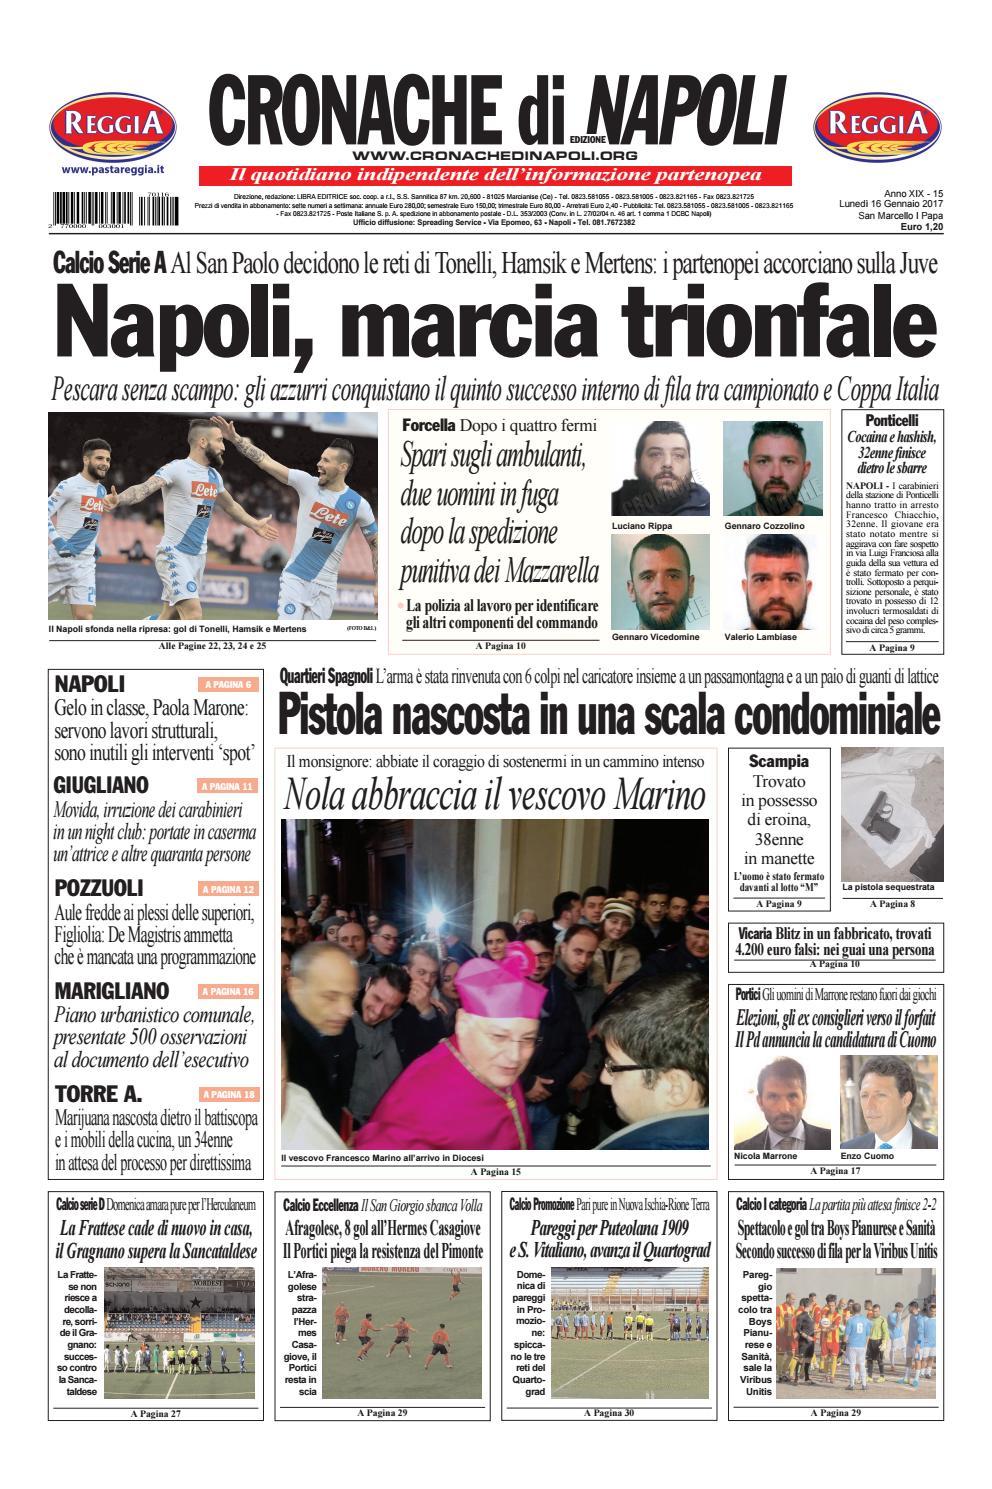 Cronache di napoli 20170116 by kantar media issuu for Il mattino di napoli cronaca